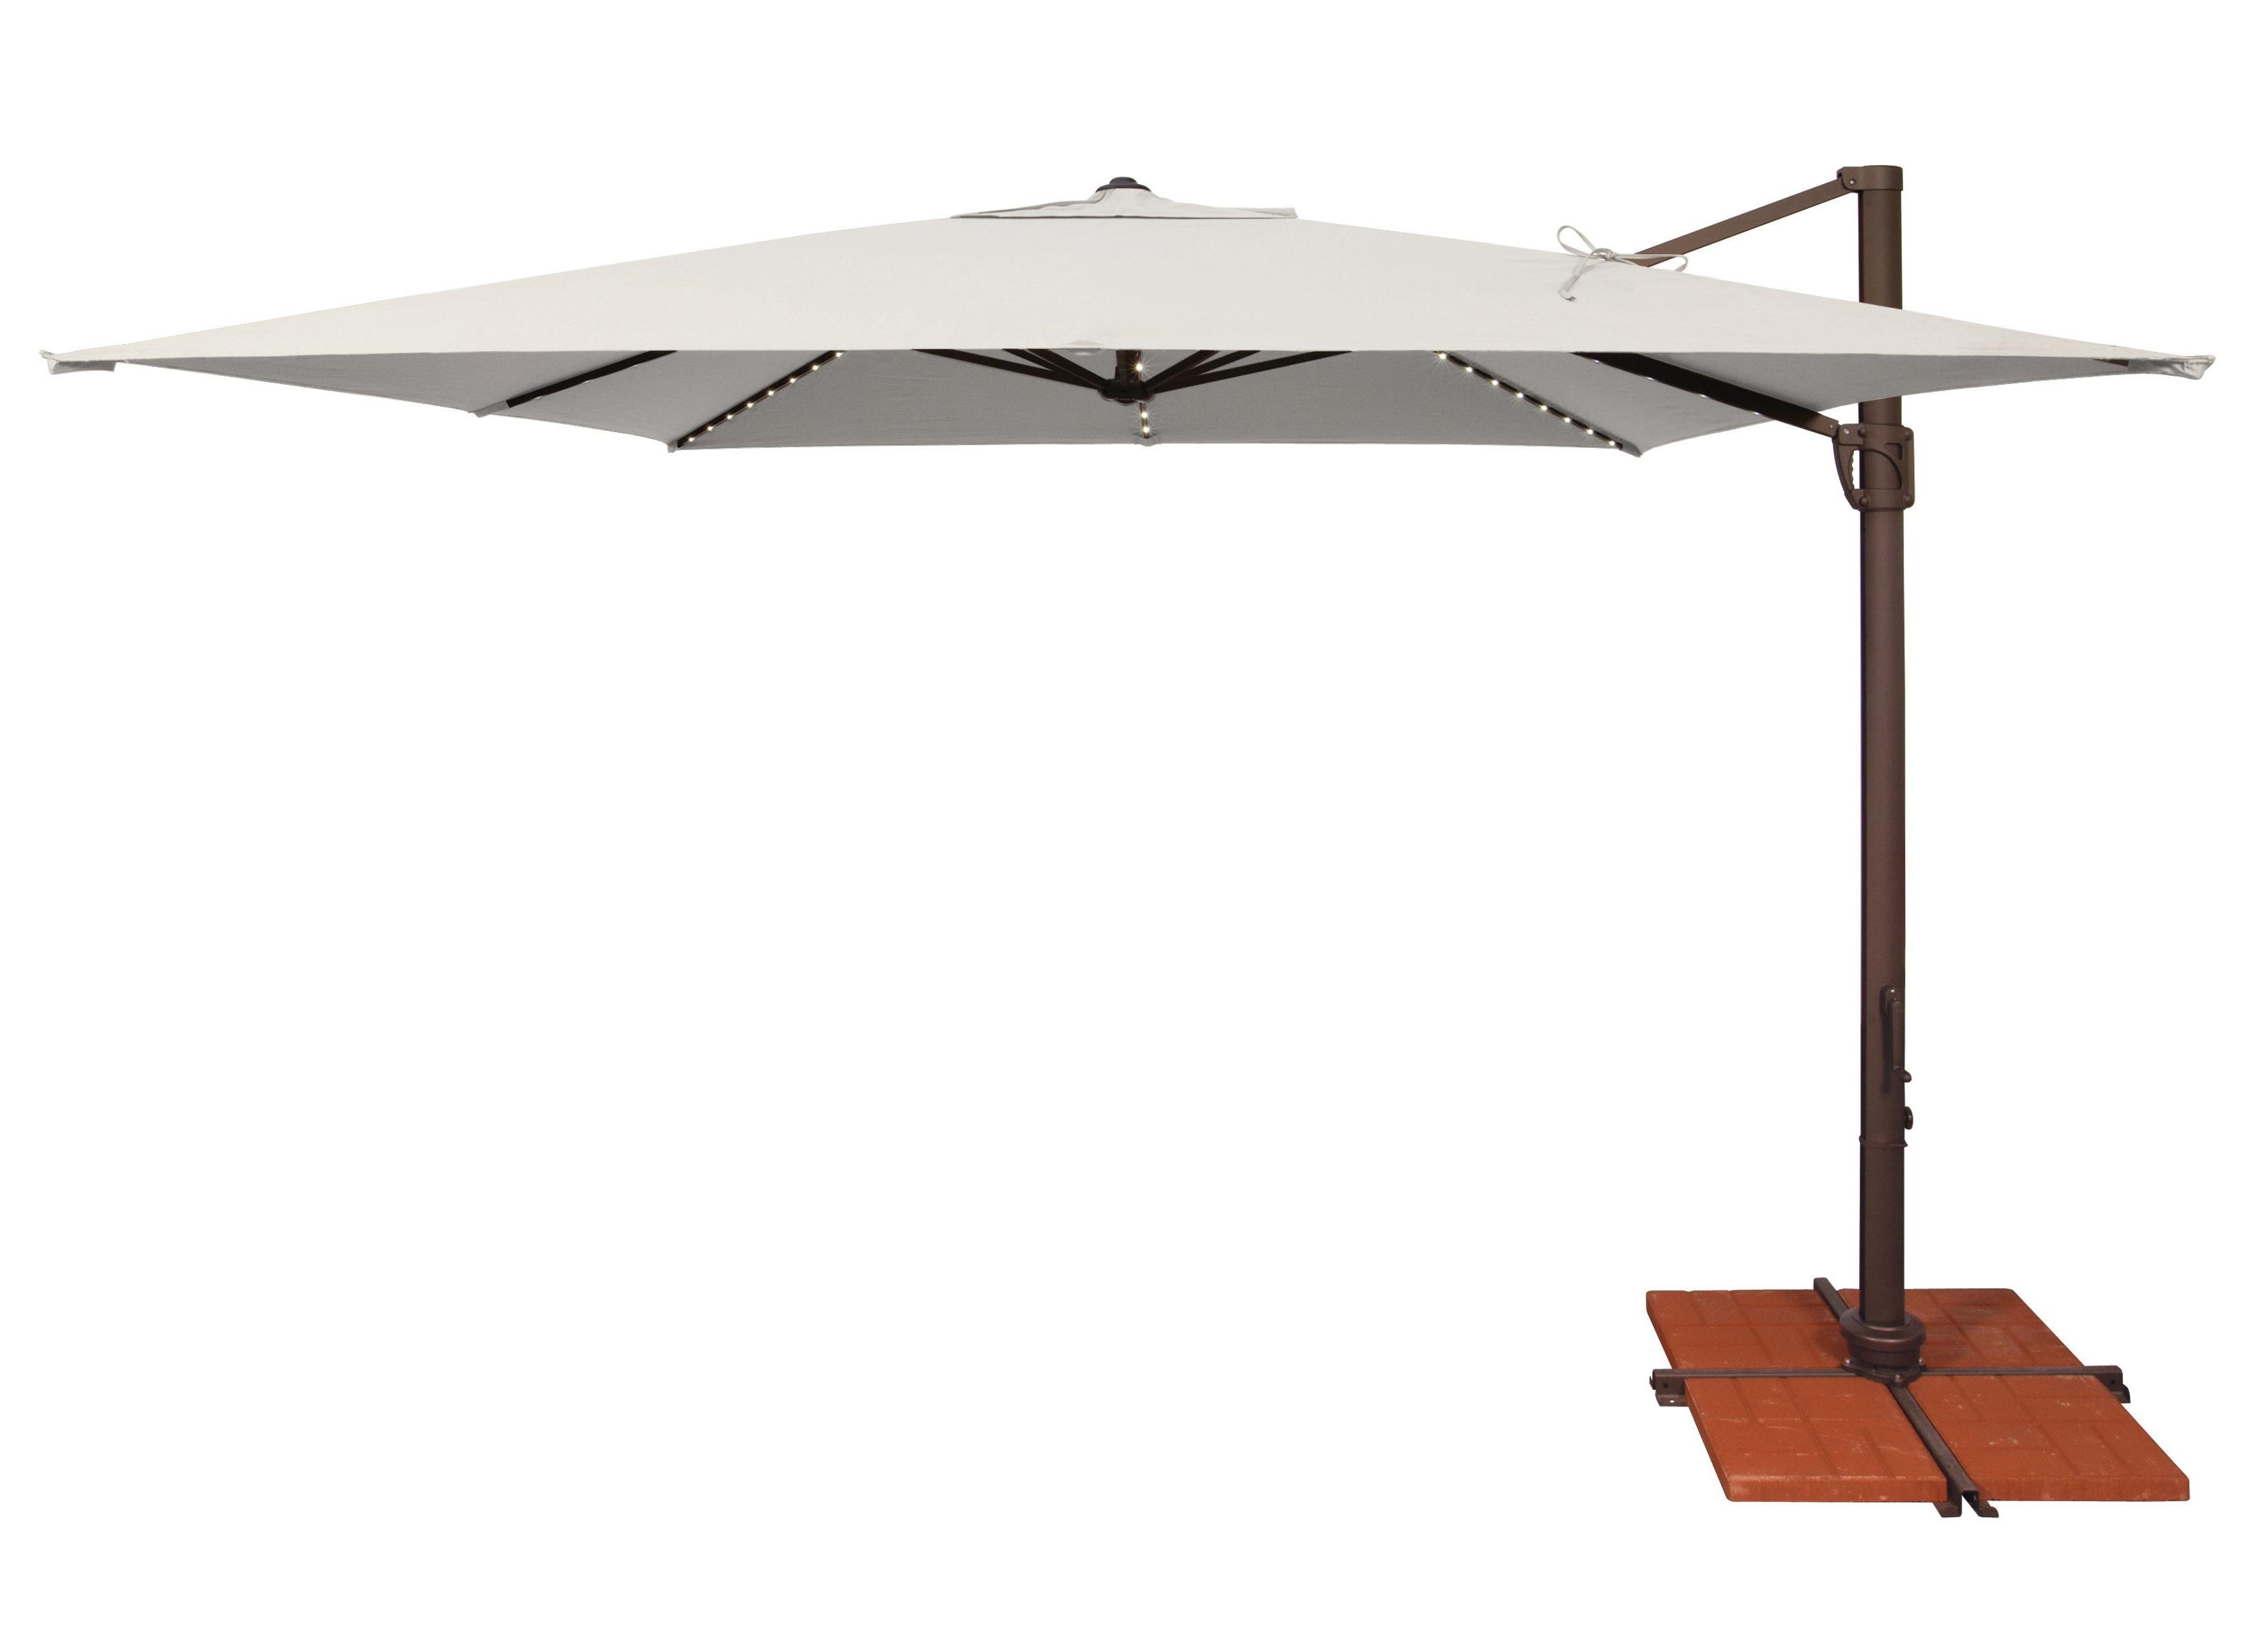 Trendy Carlisle Square Cantilever Sunbrella Umbrellas With Regard To Windell 10' Square Cantilever Umbrella (View 20 of 20)